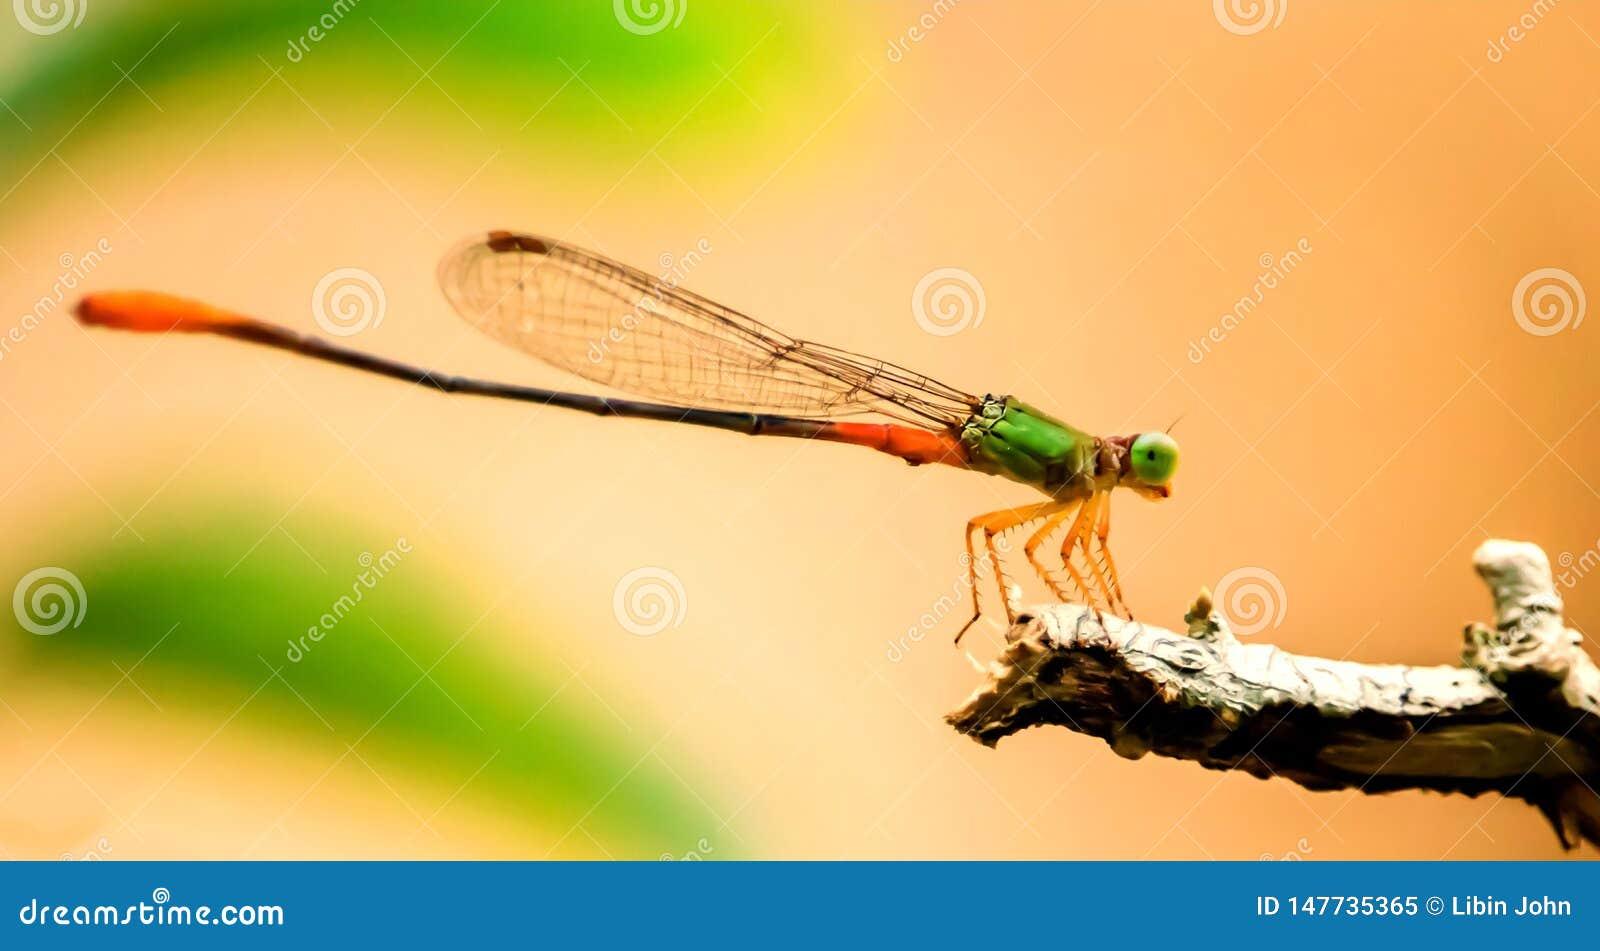 Стрекозы - оранжевый замкнутый дротик болота